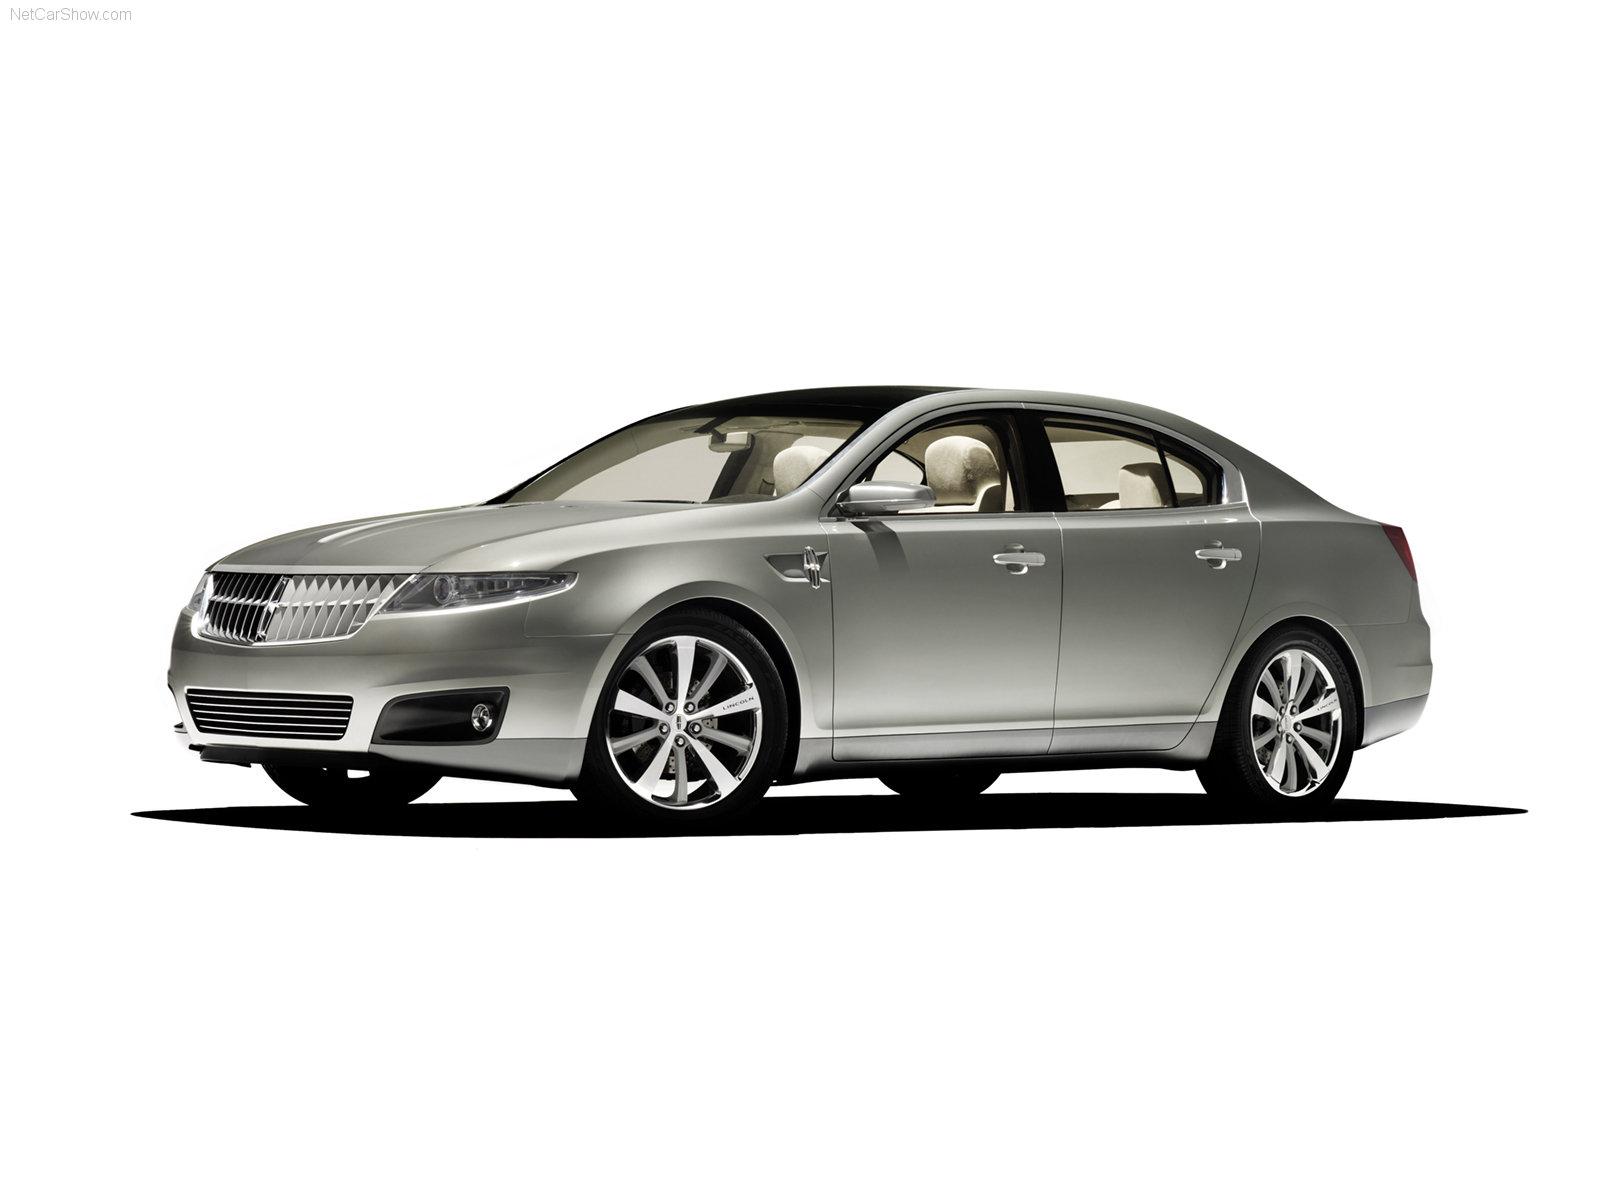 Hình ảnh xe ô tô Lincoln MKS Concept 2006 & nội ngoại thất